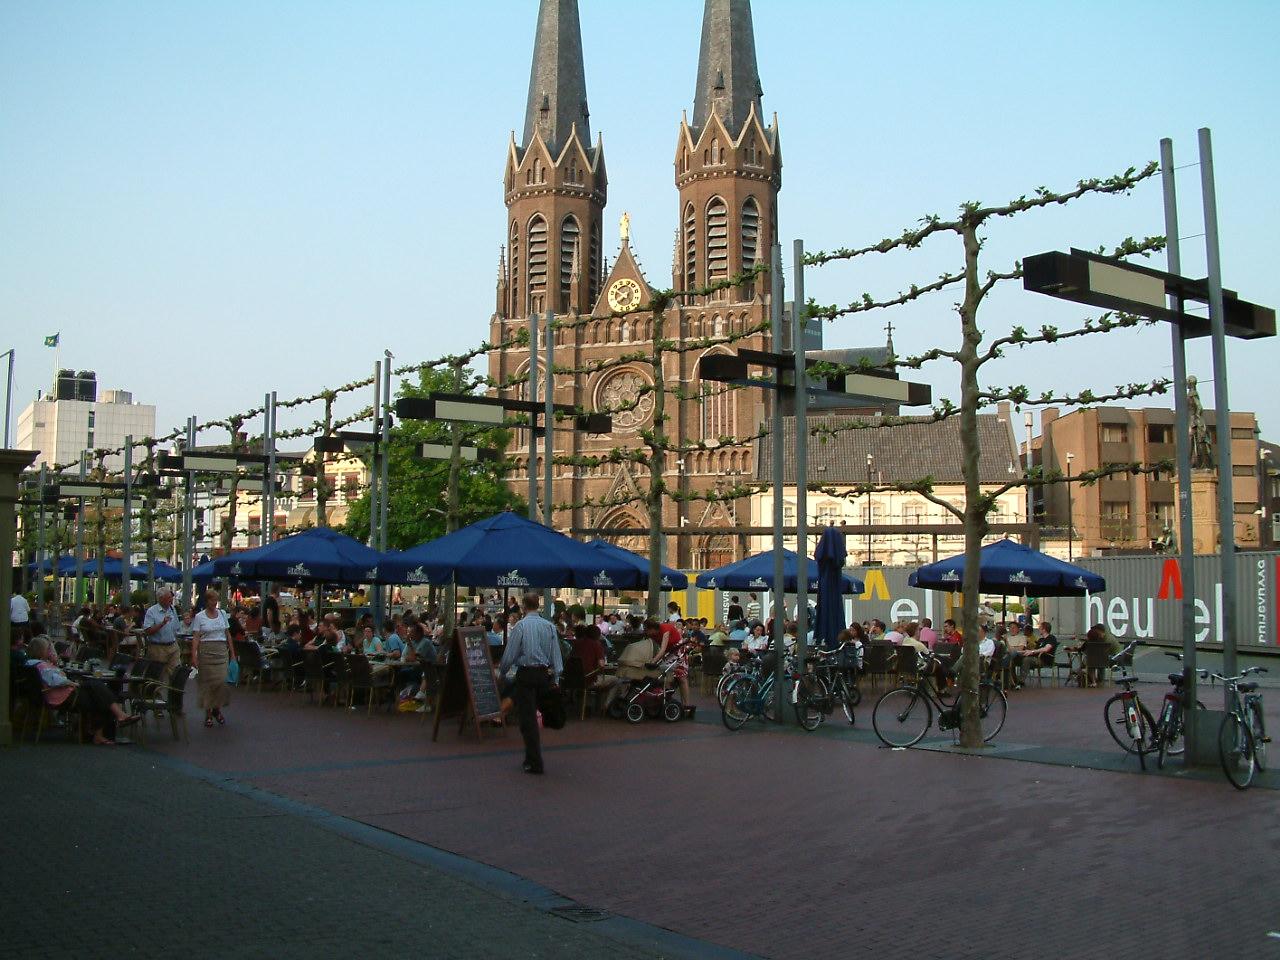 Heuvel Tilburg 11 mei 06 011